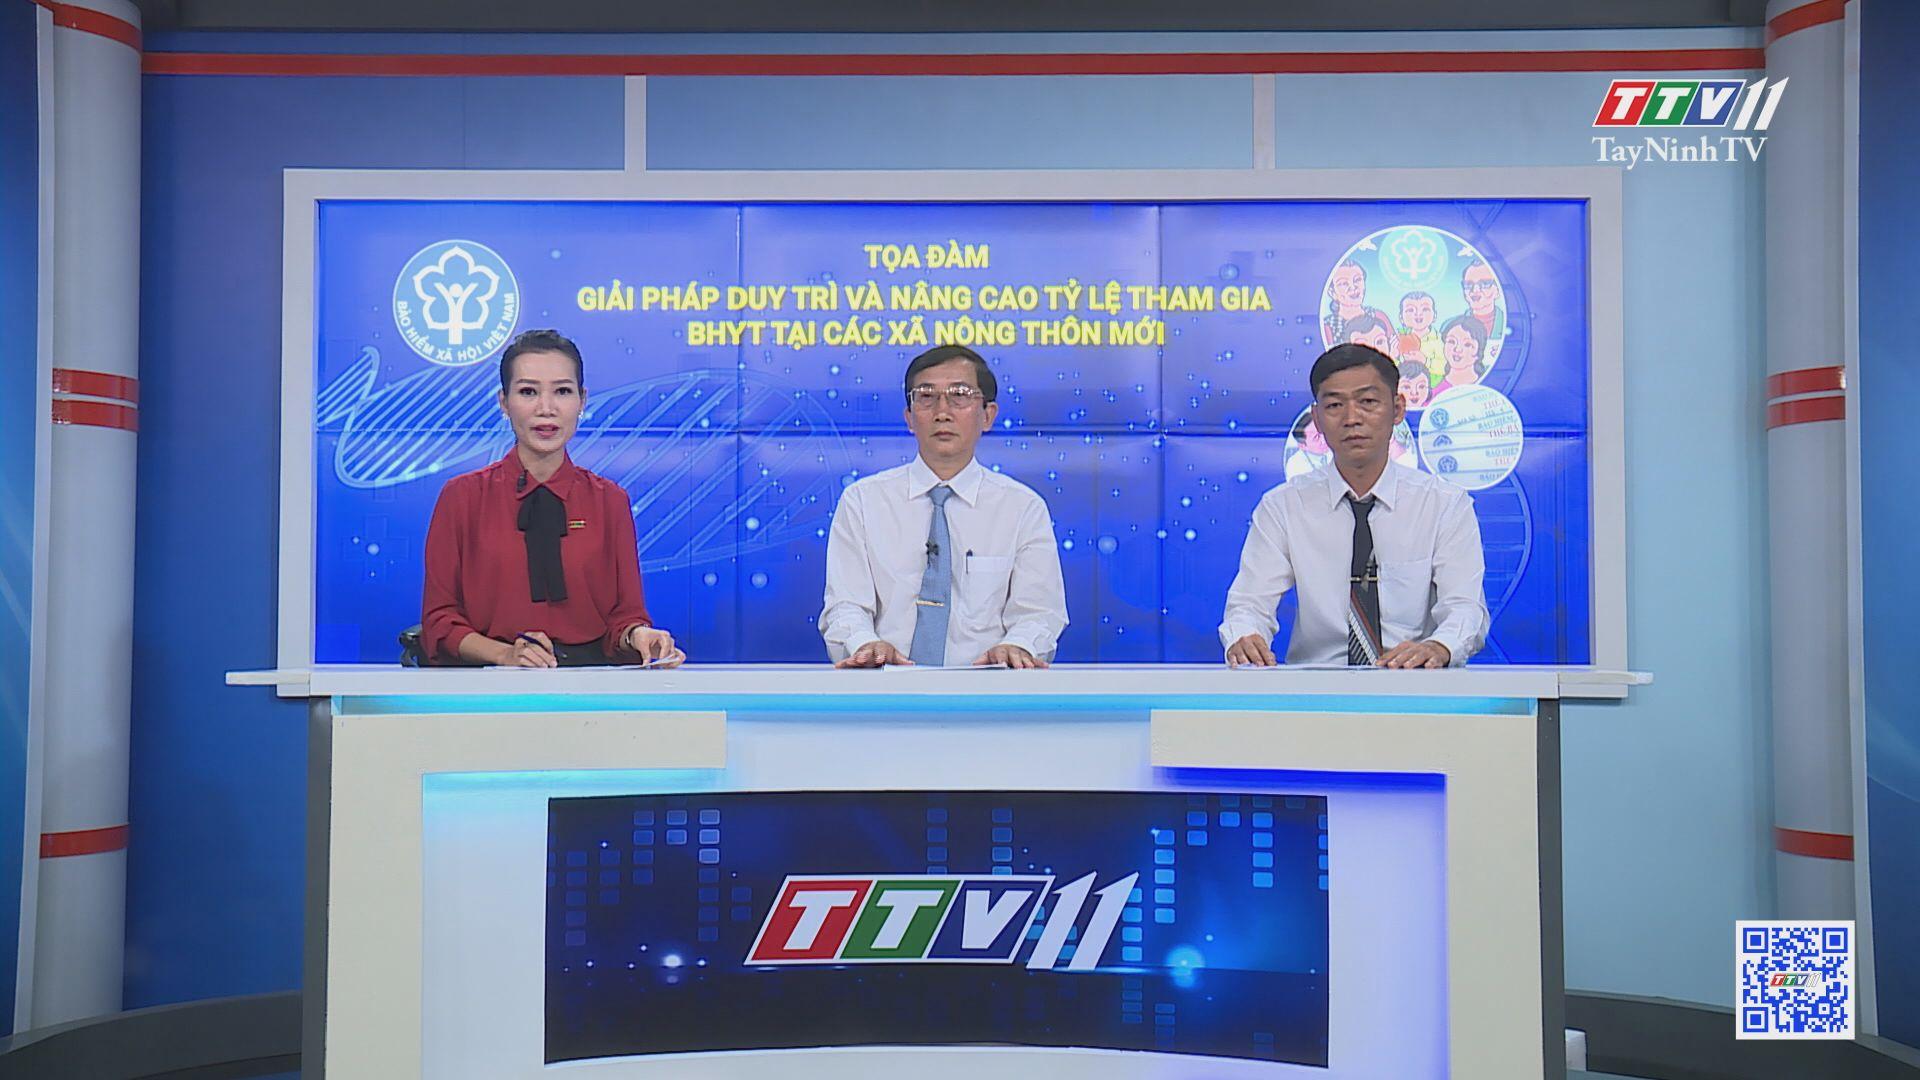 Tọa đàm giải pháp duy trì và nâng cao tỷ lệ tham gia BHYT tại các xã nông thôn mới   TÂY NINH XÂY DỰNG NÔNG THÔN MỚI   TayNinhTV